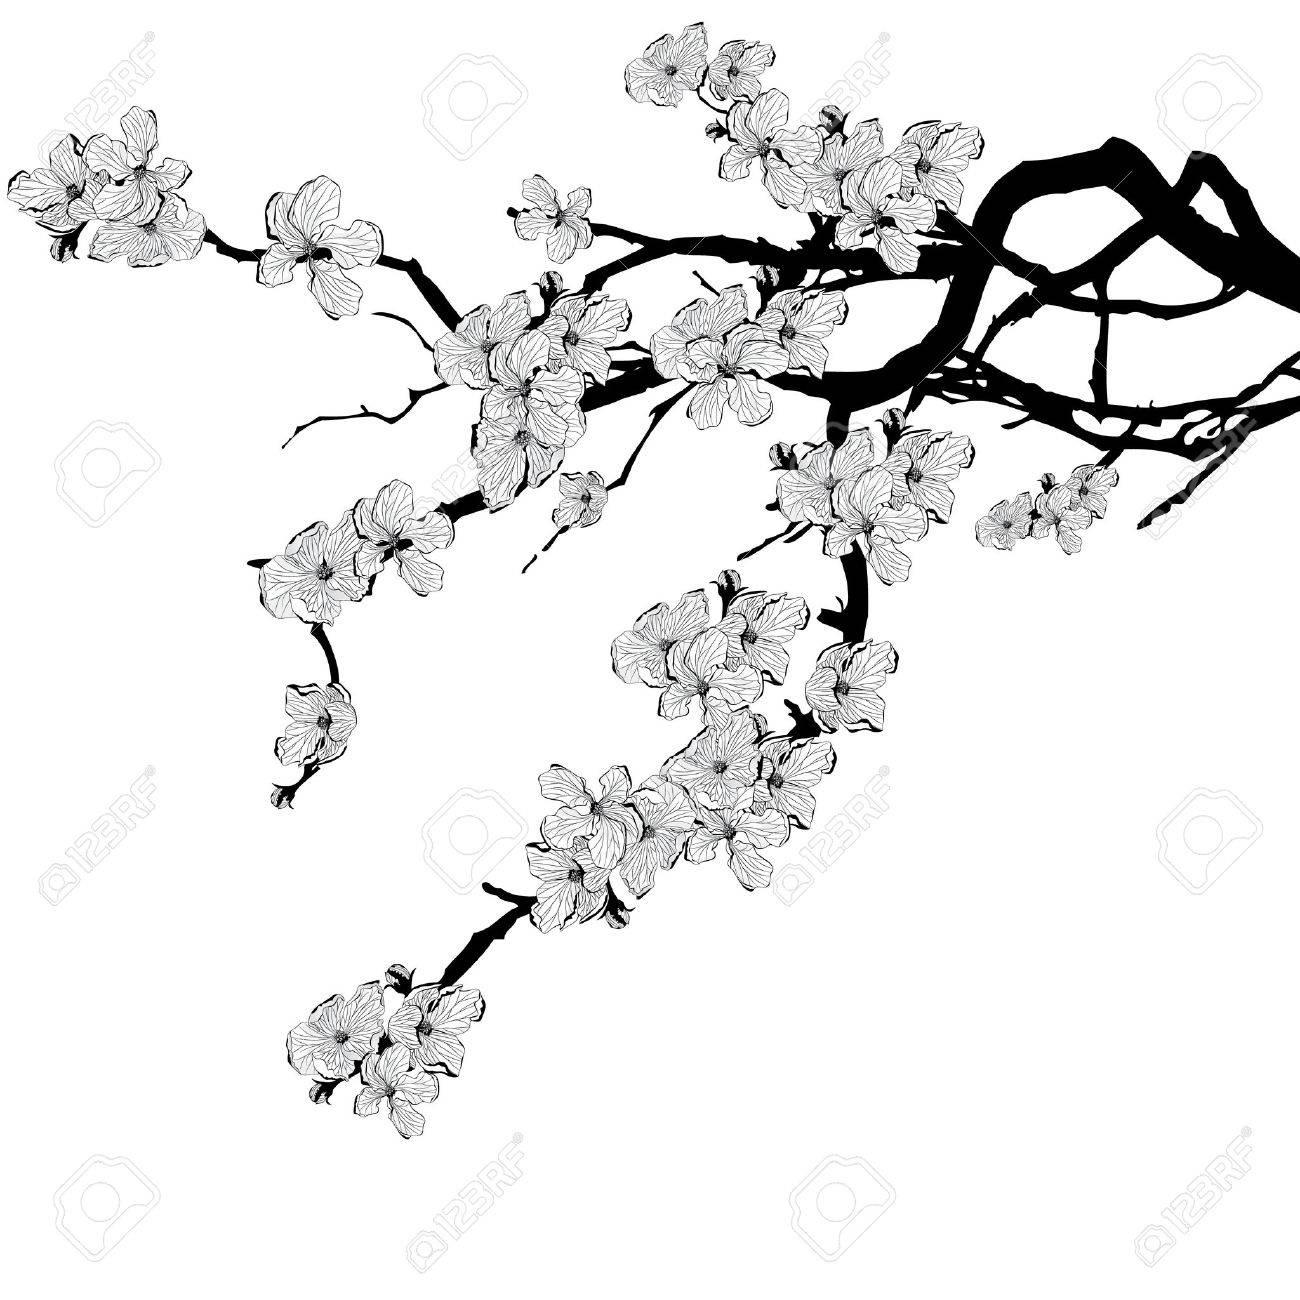 黒と白の色に桜の木の枝のベクトル イラストのイラスト素材ベクタ